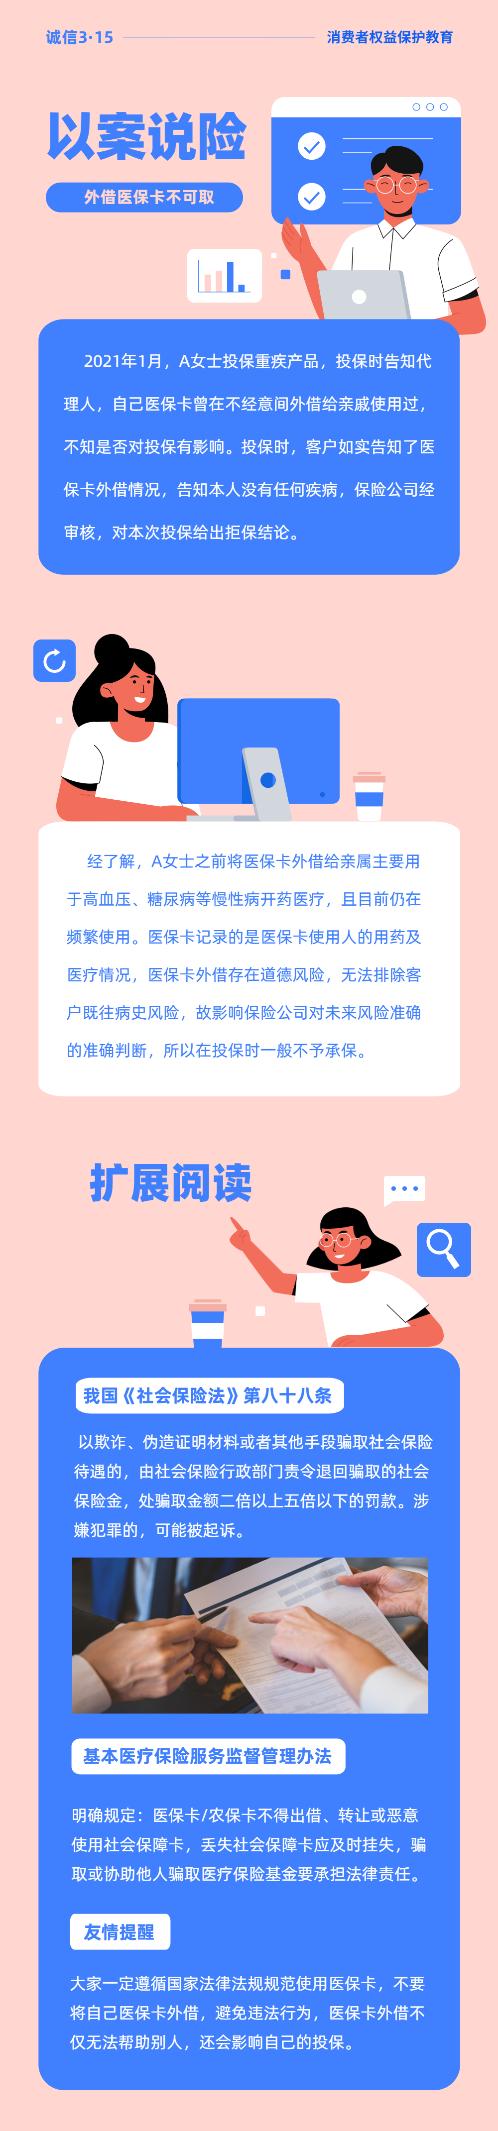 太平人寿北京分公司:以案说险 外借医保卡不可取